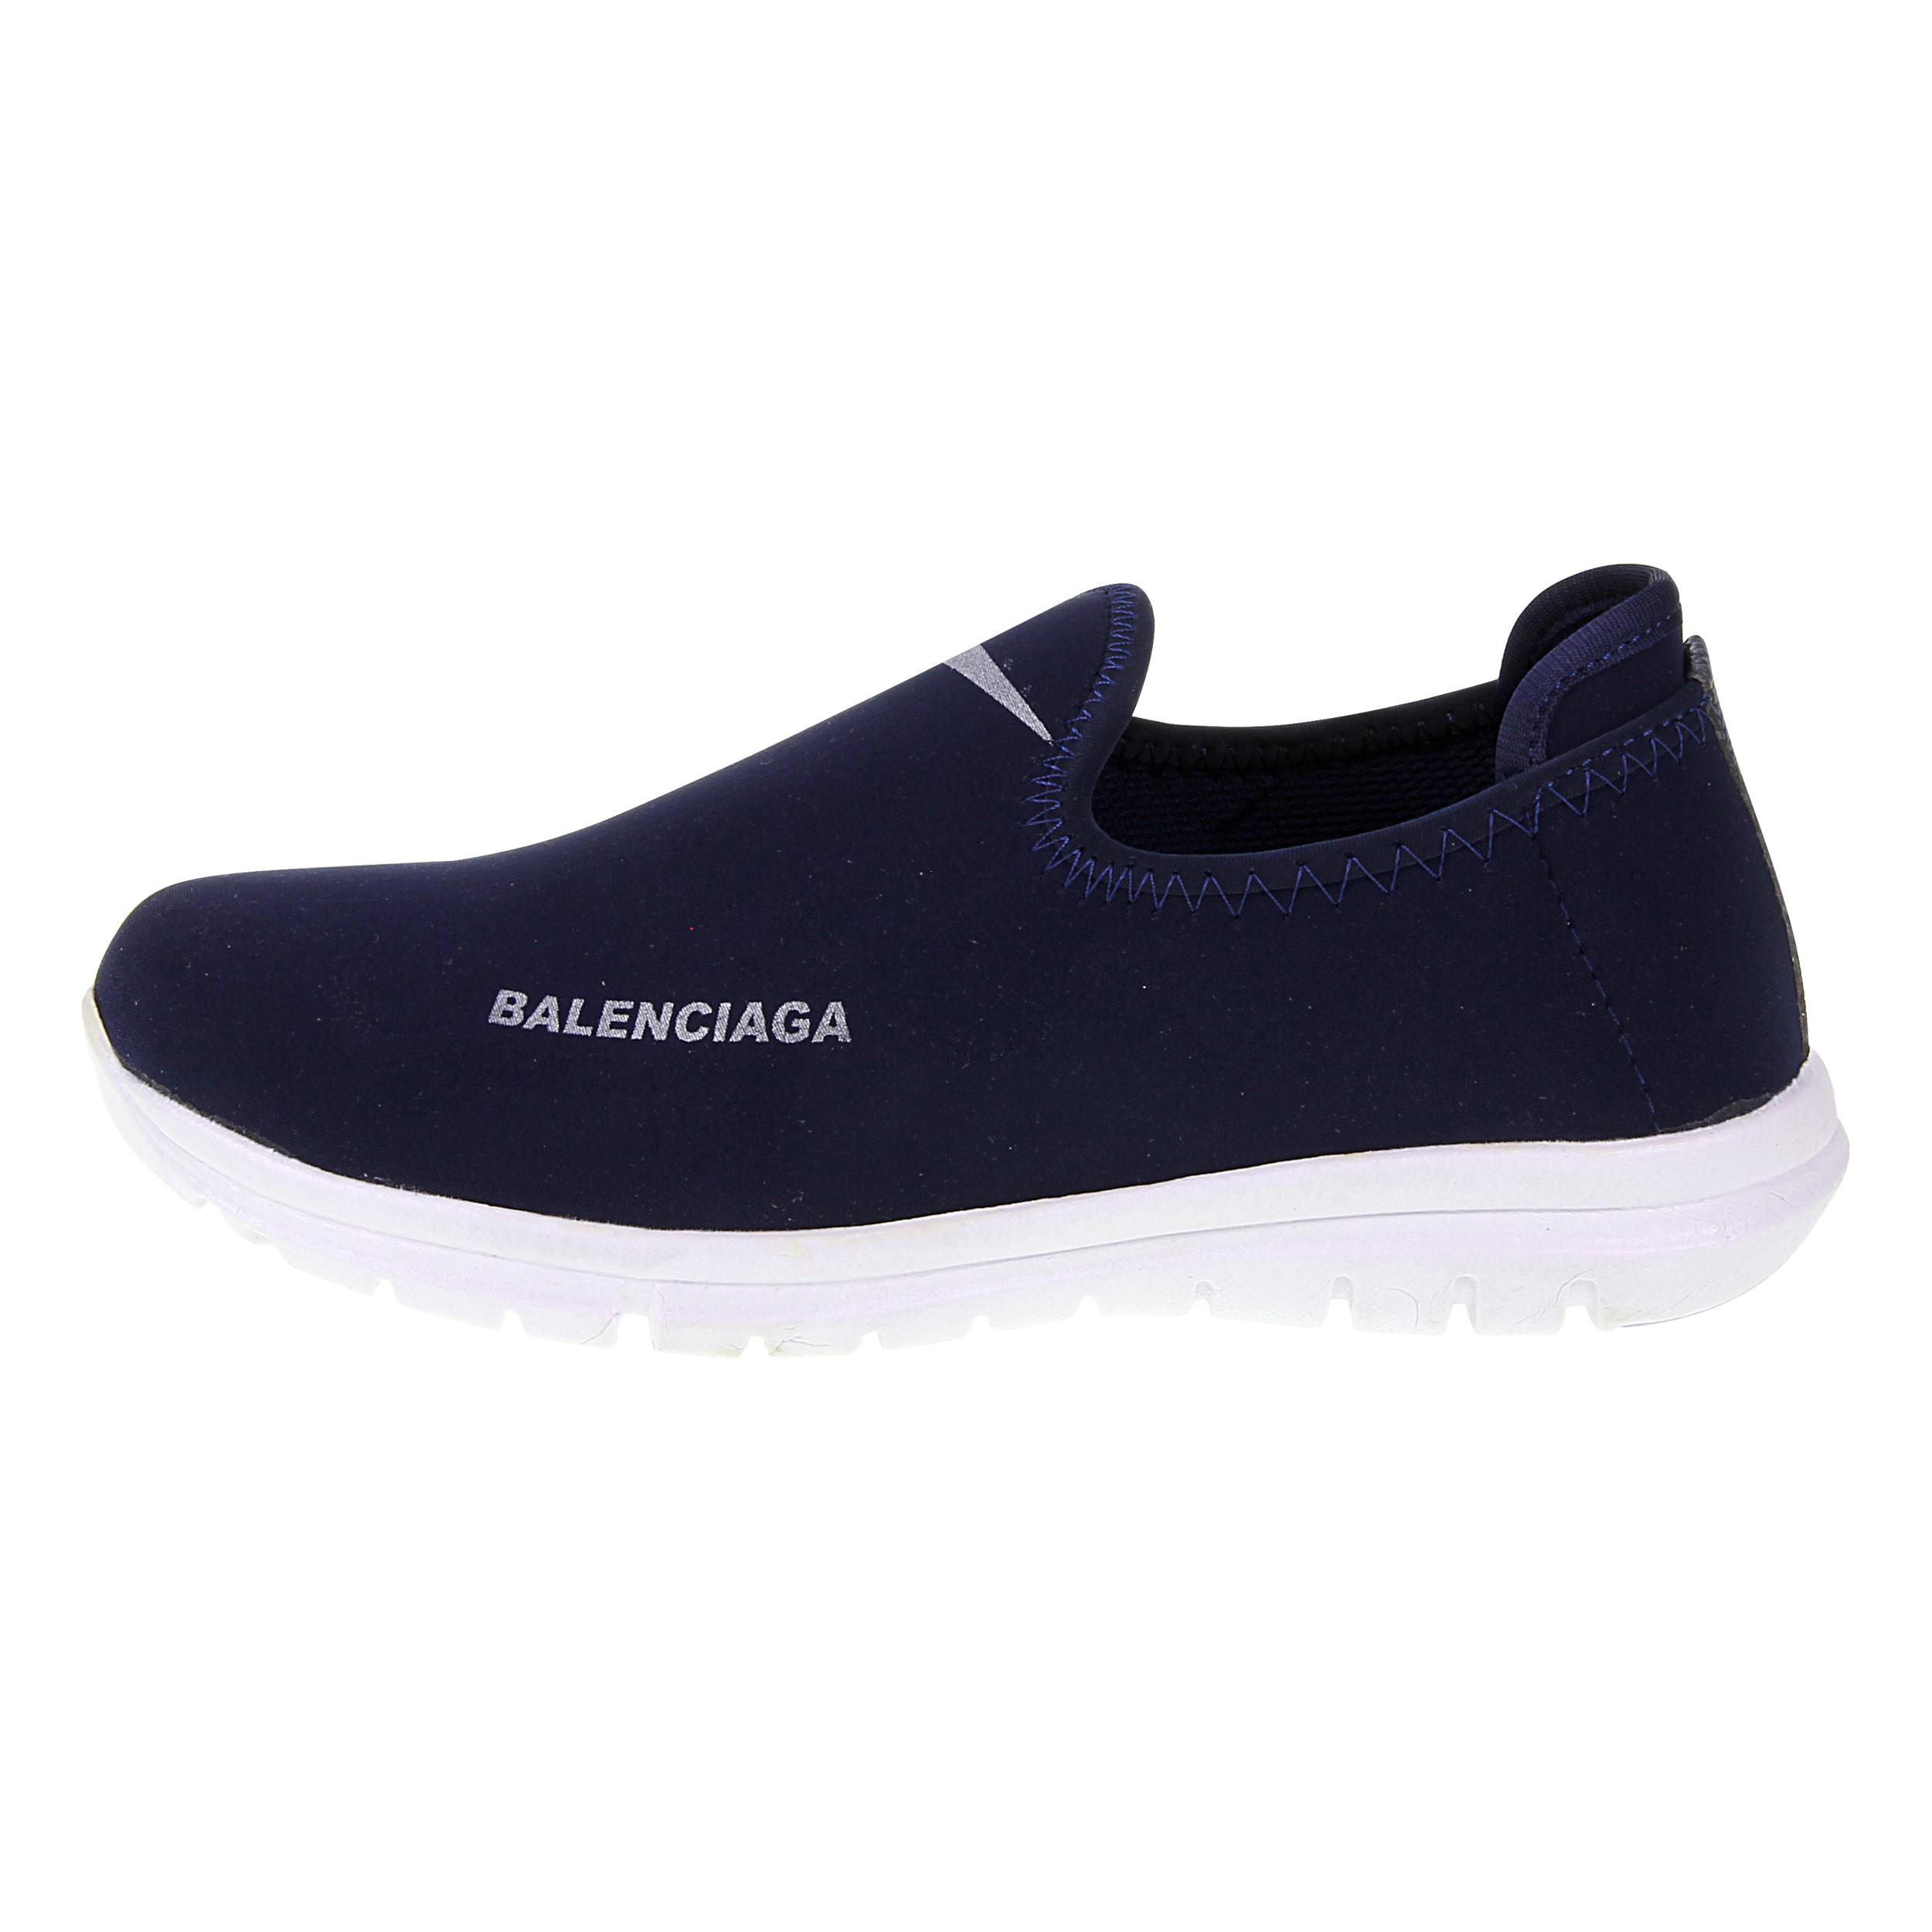 قیمت خرید کفش مخصوص پیاده روی مردانه مدل 701 اورجینال